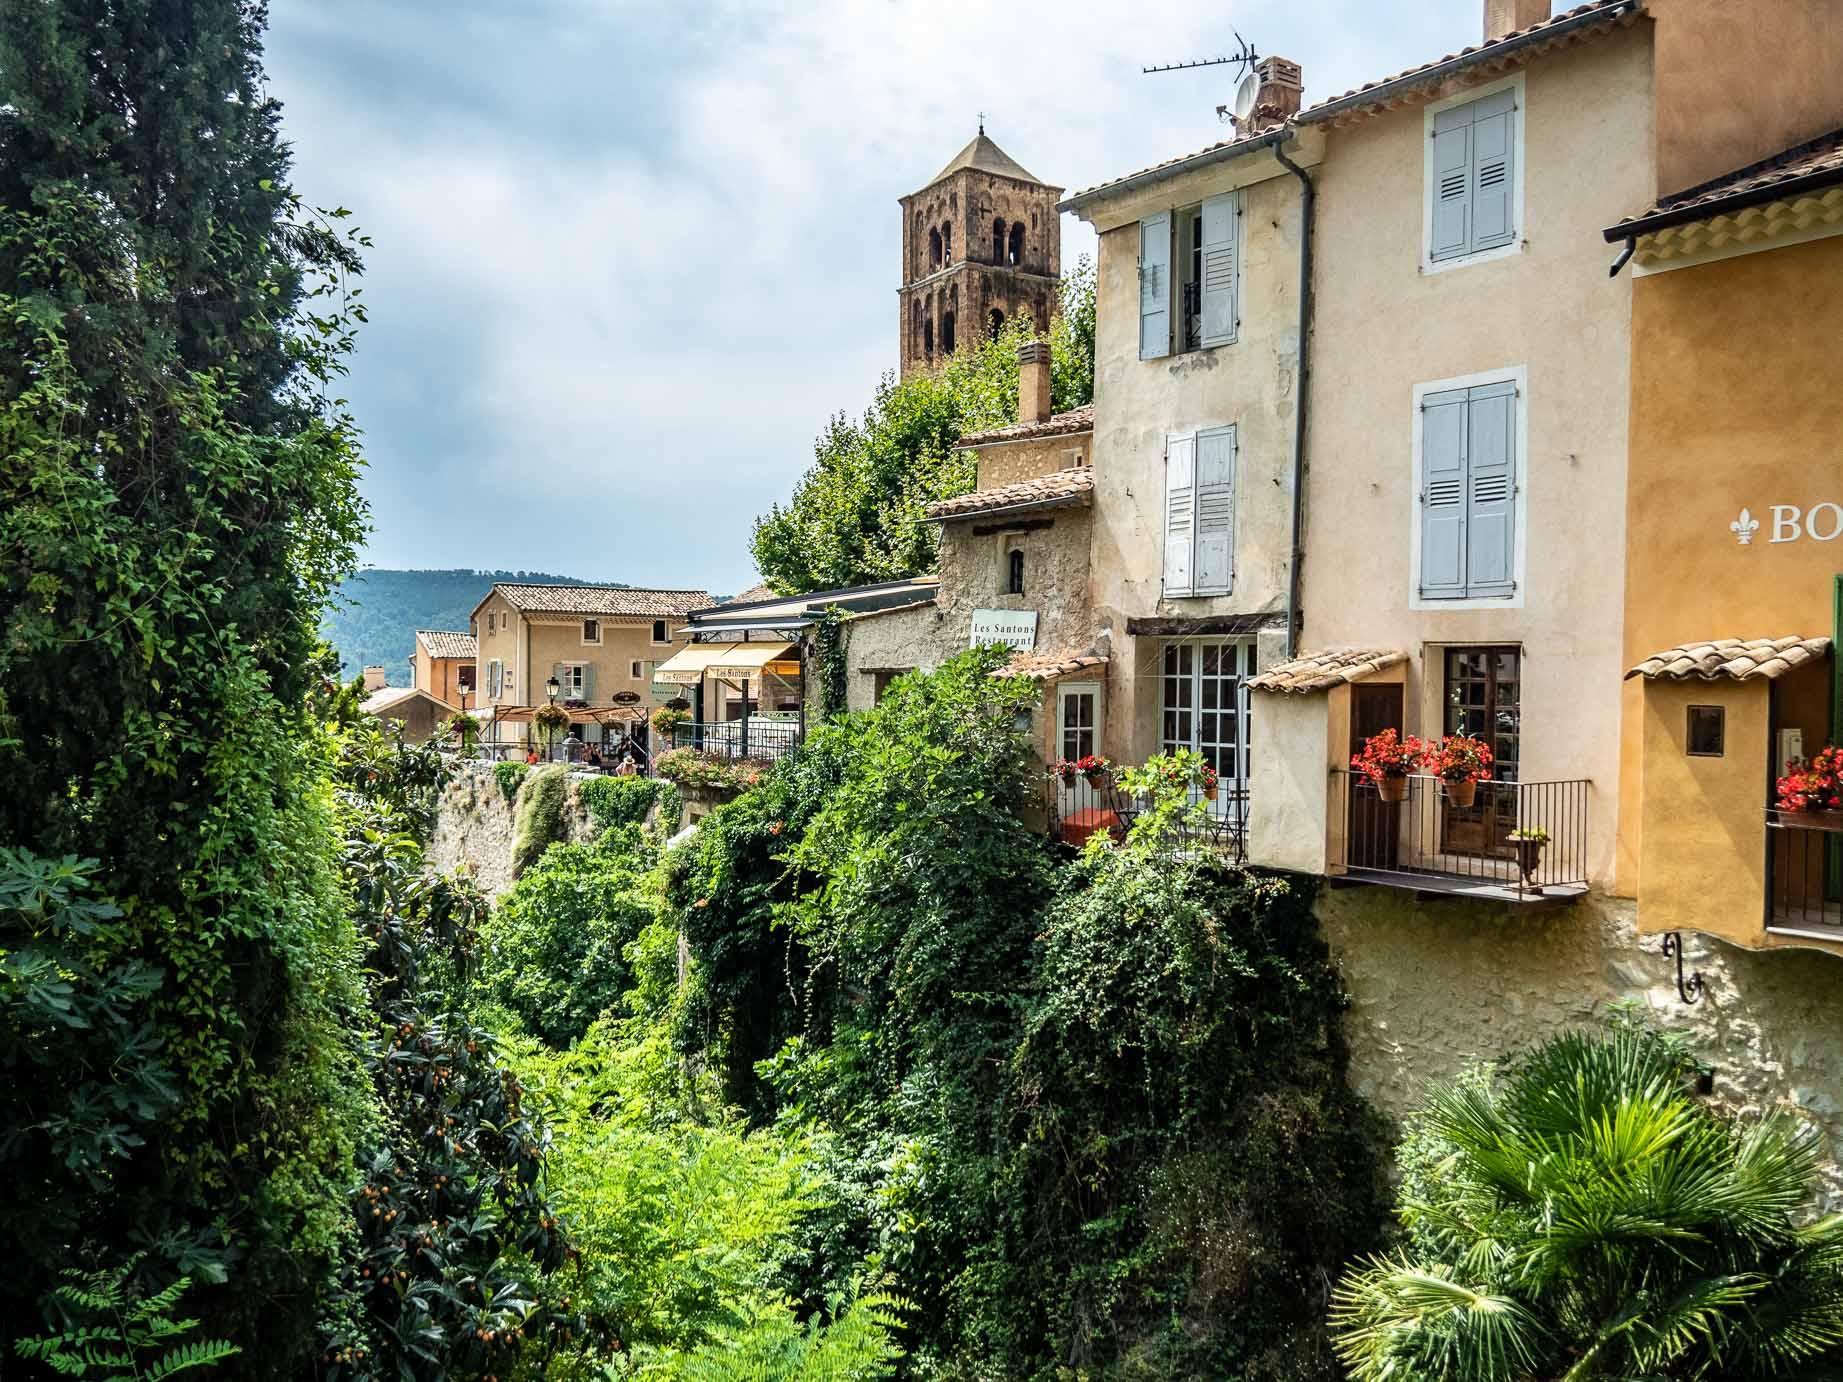 Le village de Moustiers Sainte Marie aux abords des gorges du Verdon en France